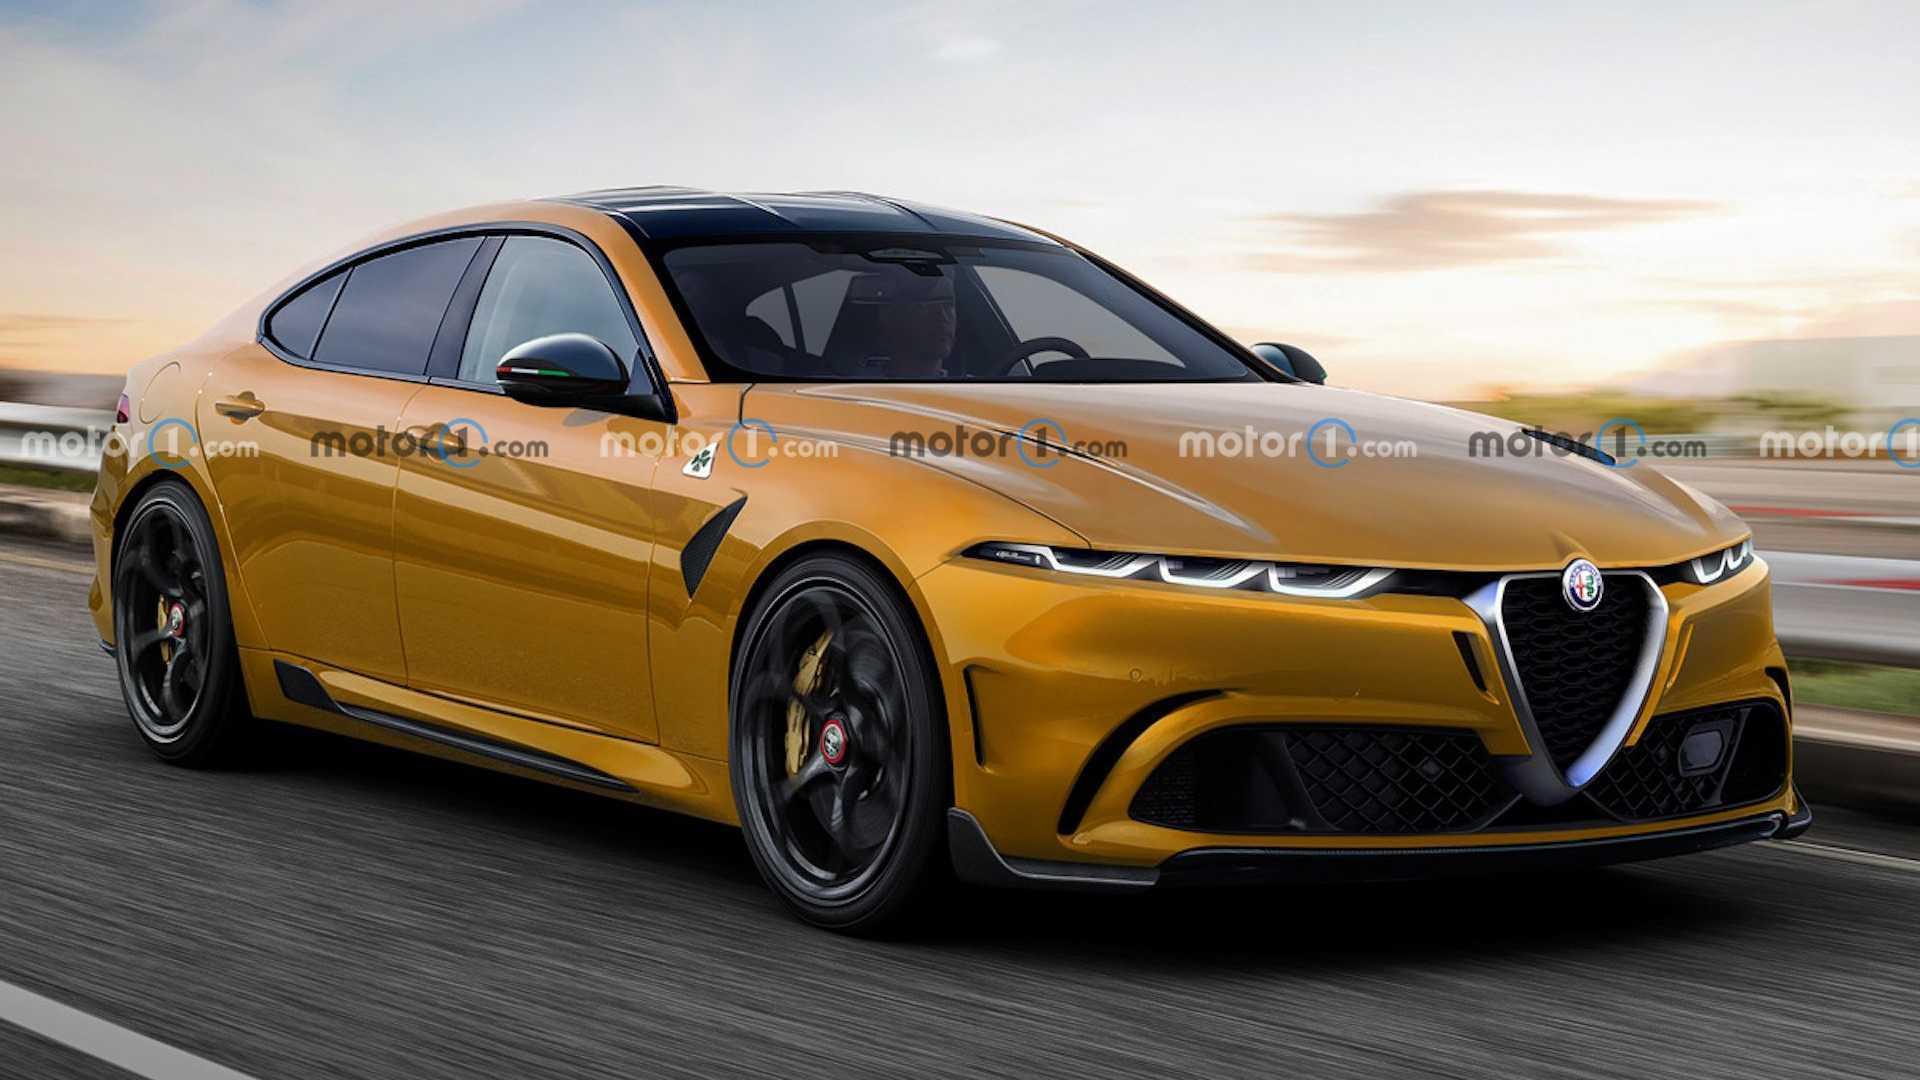 Große Alfa Romeo-Limousine: Inoffizielles Rendering zeigt BMW 5er-Rivalen